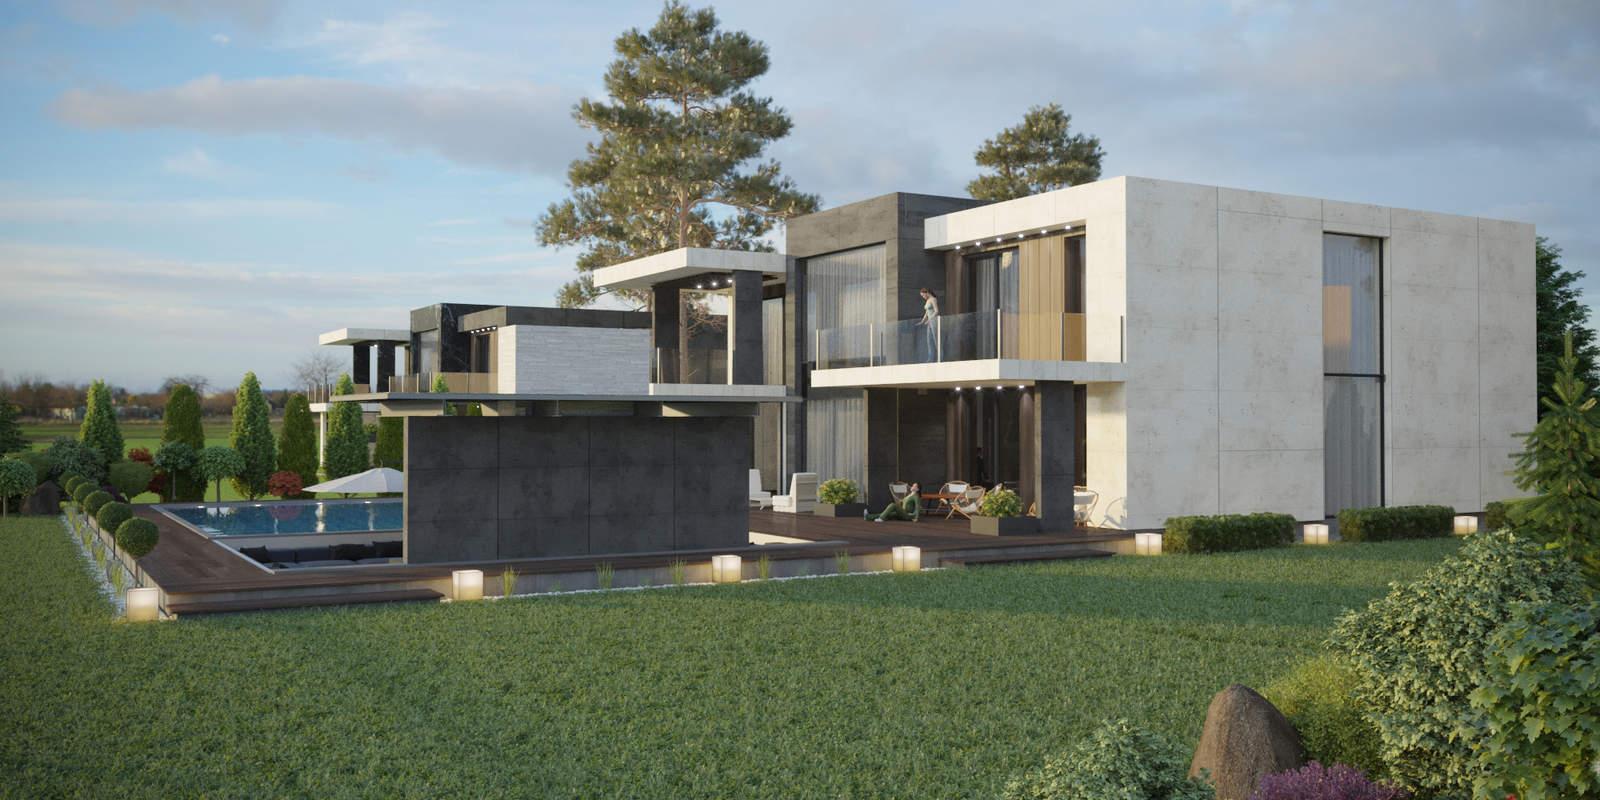 дизайн фасада, дизайн ландшафта